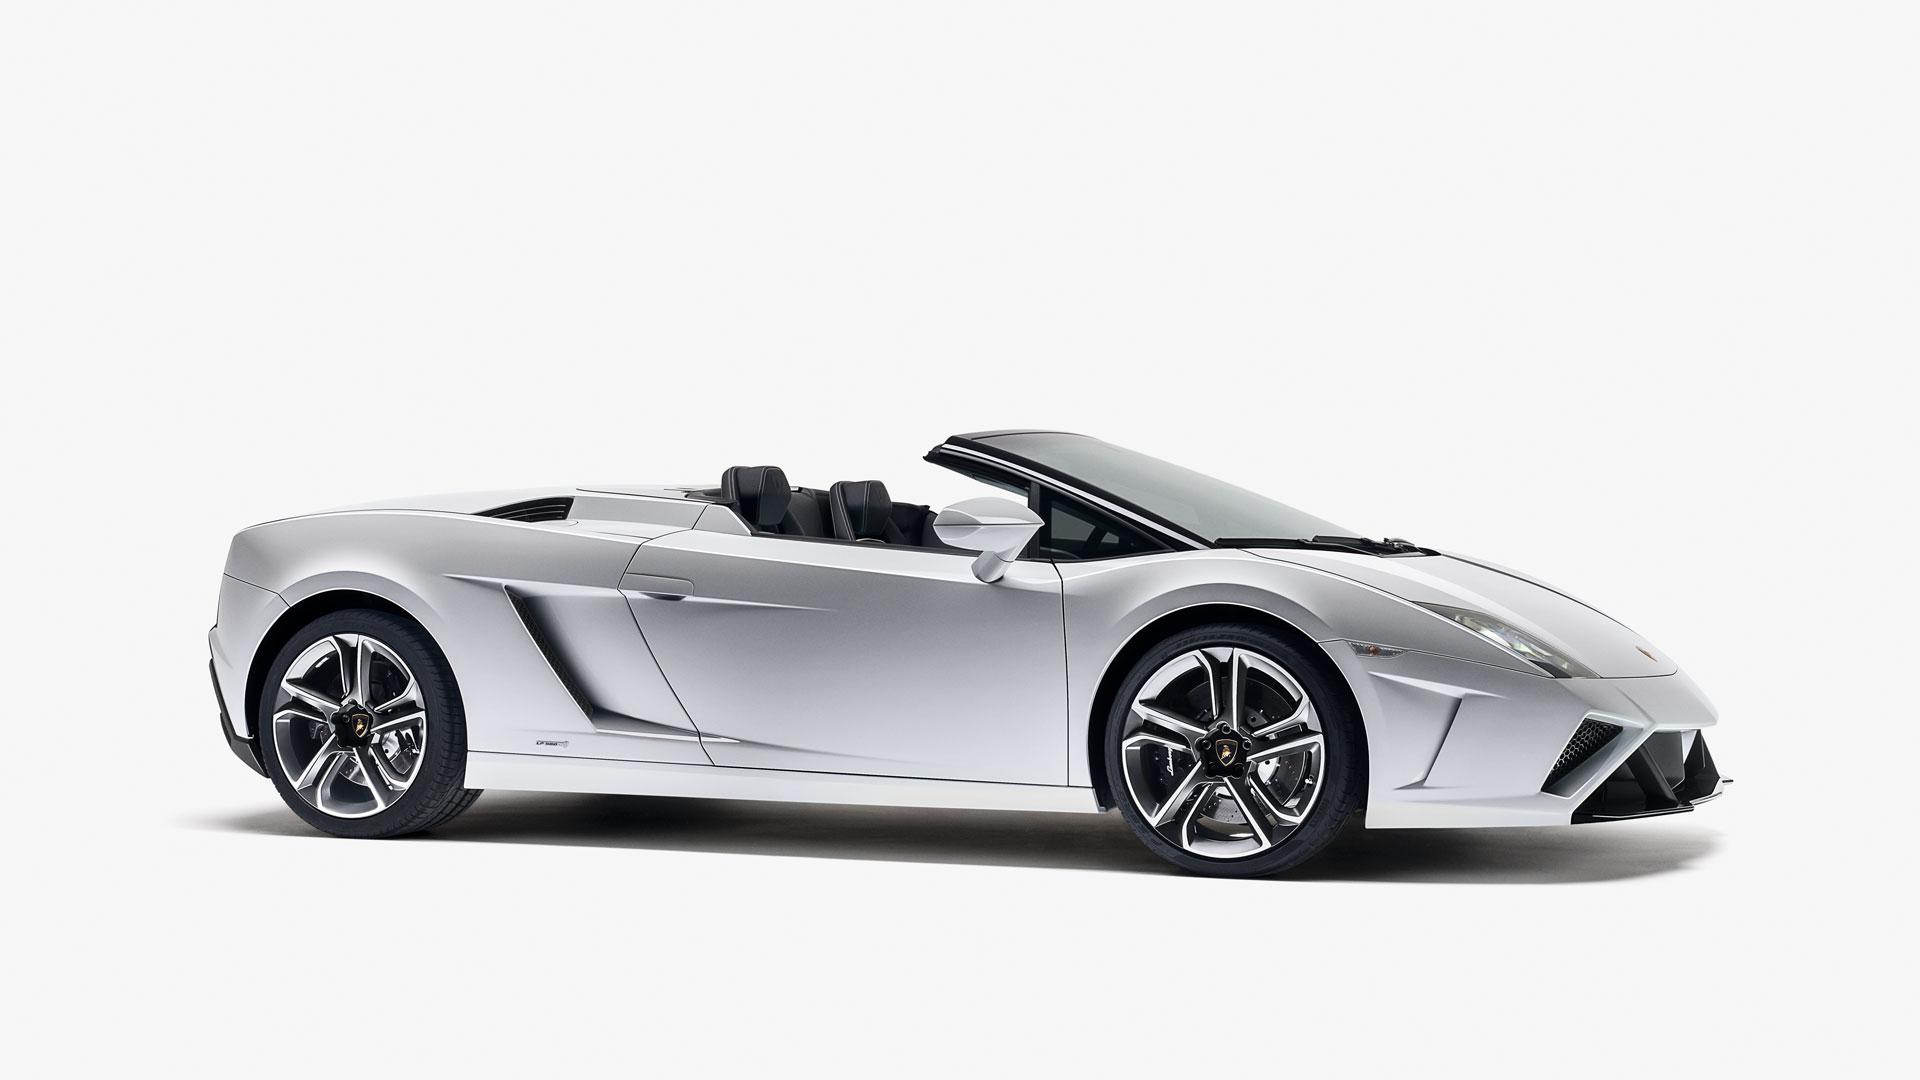 side profile of a 2013lamborghini gallardo lp560 4 spyder - Lamborghini Gallardo Spyder Black 2013